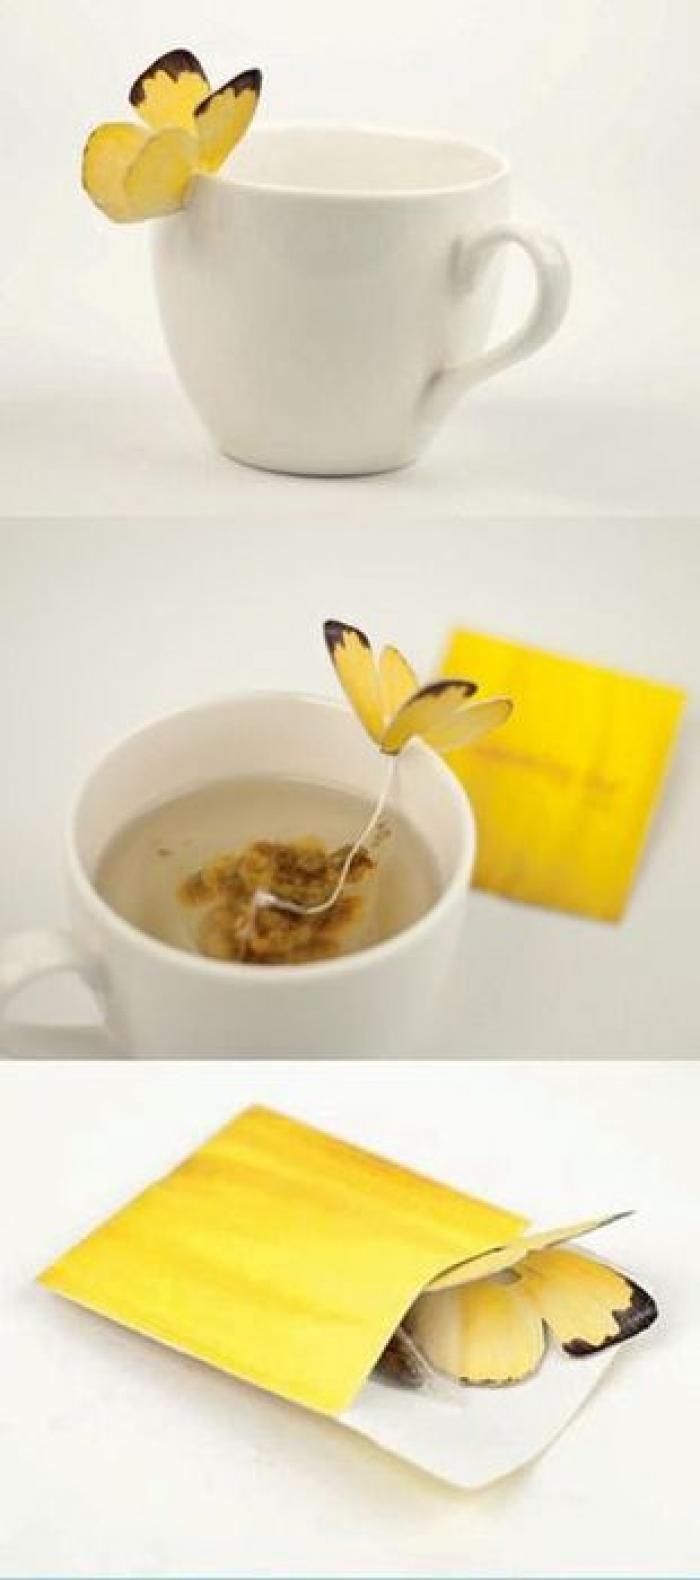 Boire le thé autrement - Cuisine & Recettes - Thé - Femmes d'Aujourd'hui